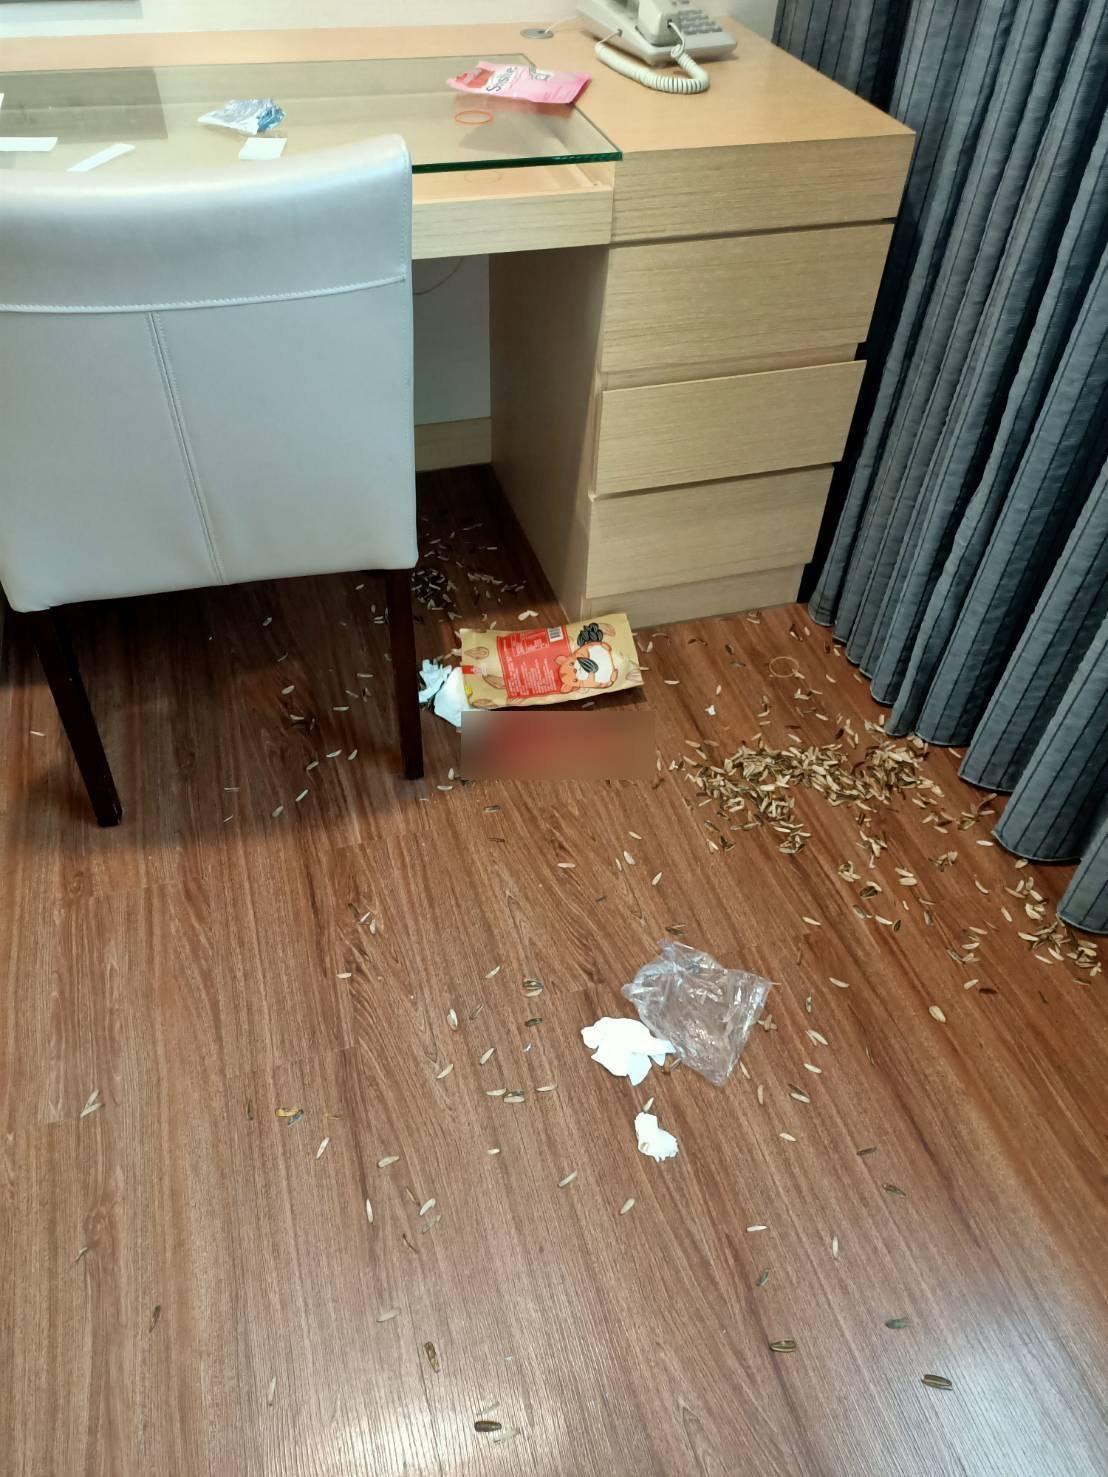 詐騙集團瓜子殼散落一地,房間弄得像垃圾場。